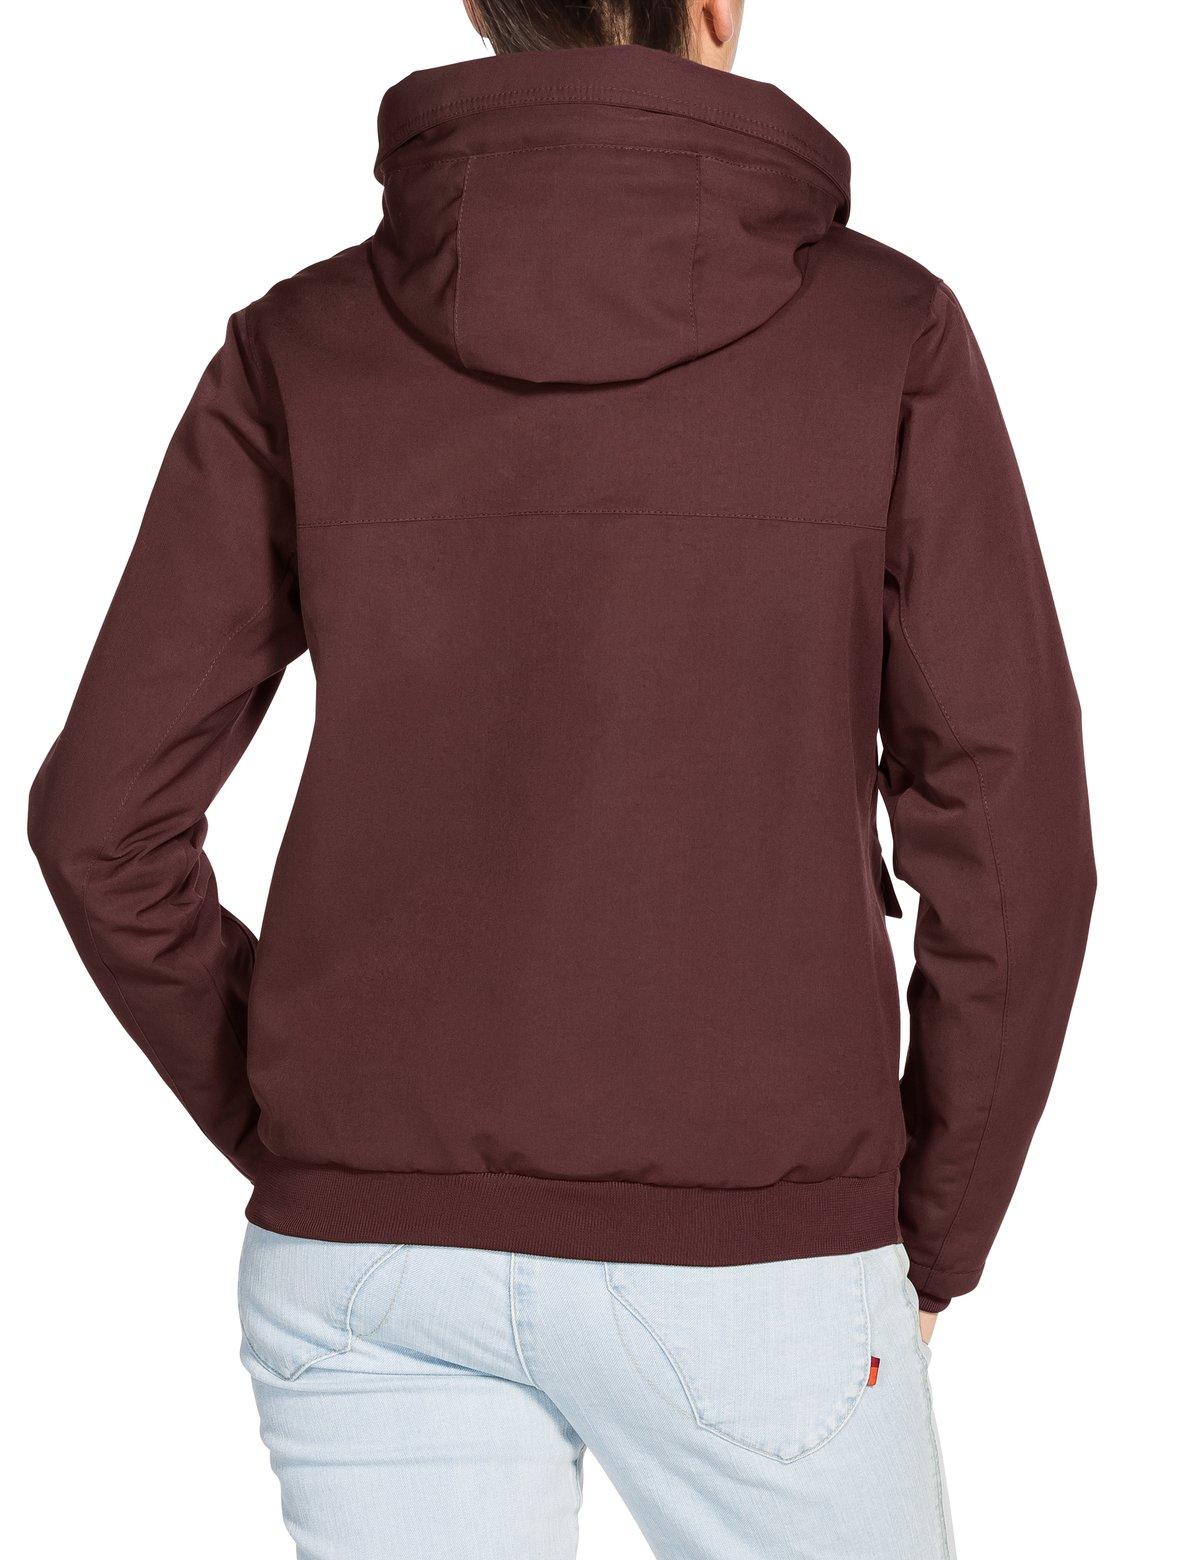 71NvhQ5ksuL - VAUDE Women's Manukau Jacket